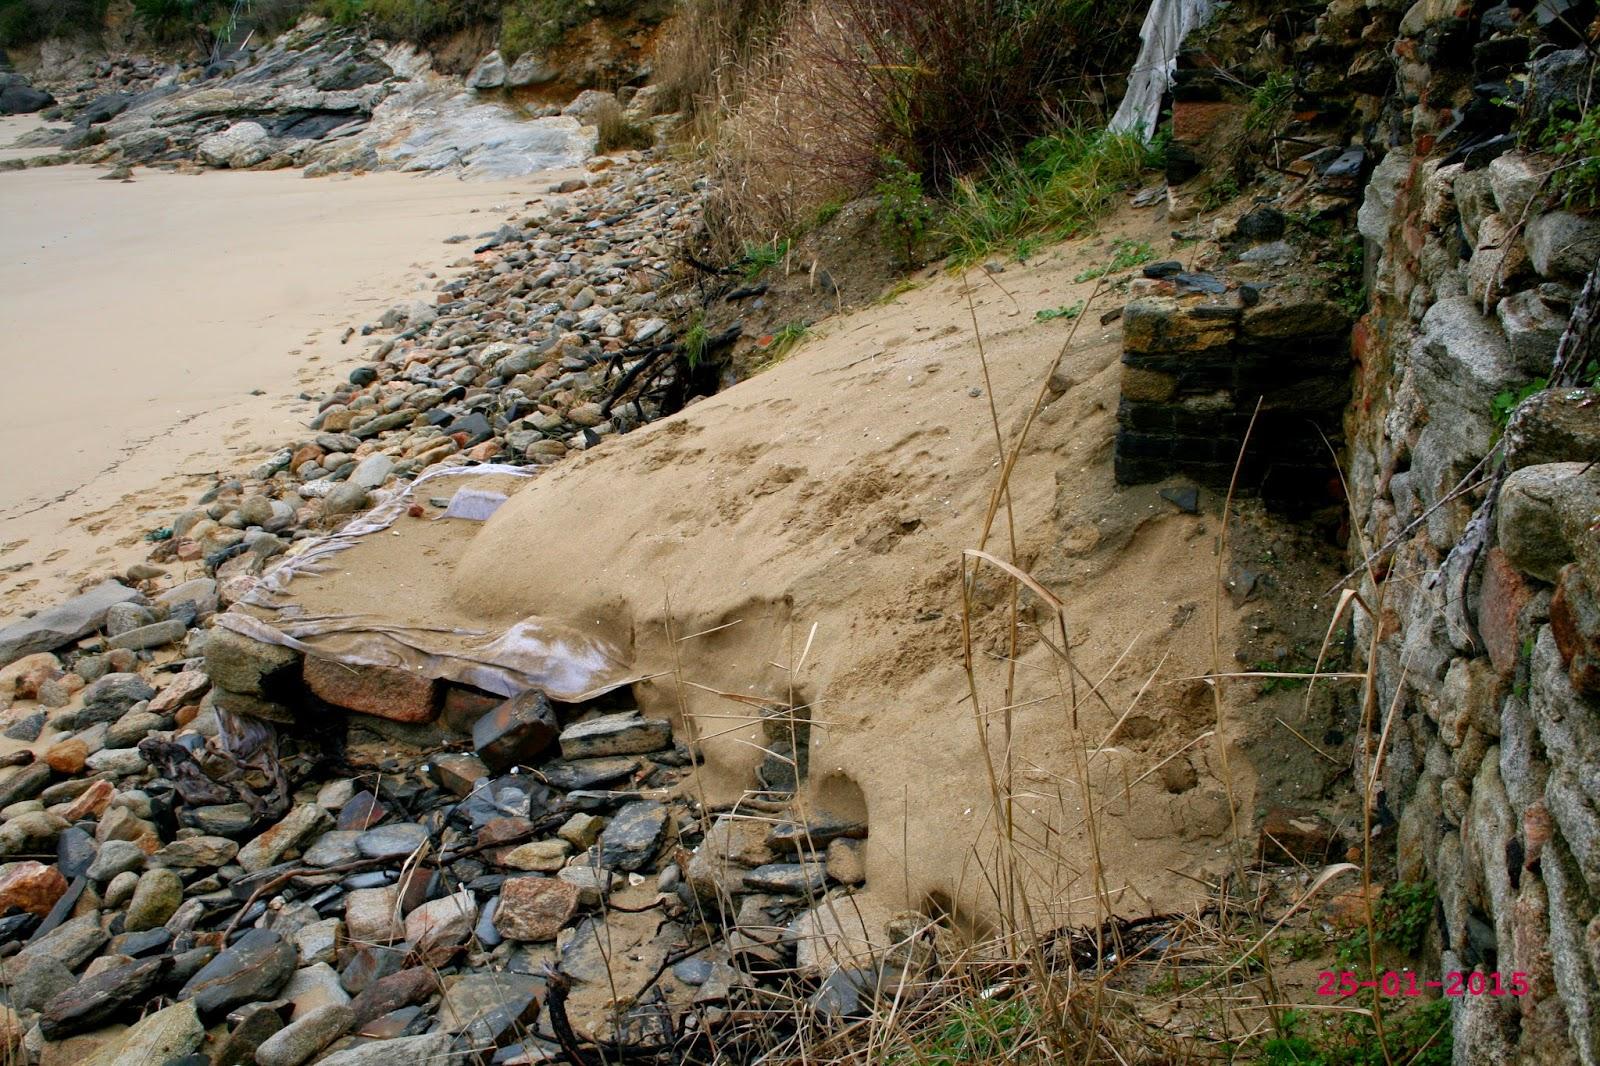 A costa galega está chea de sitios arqueolóxicos en perigo de desaparición